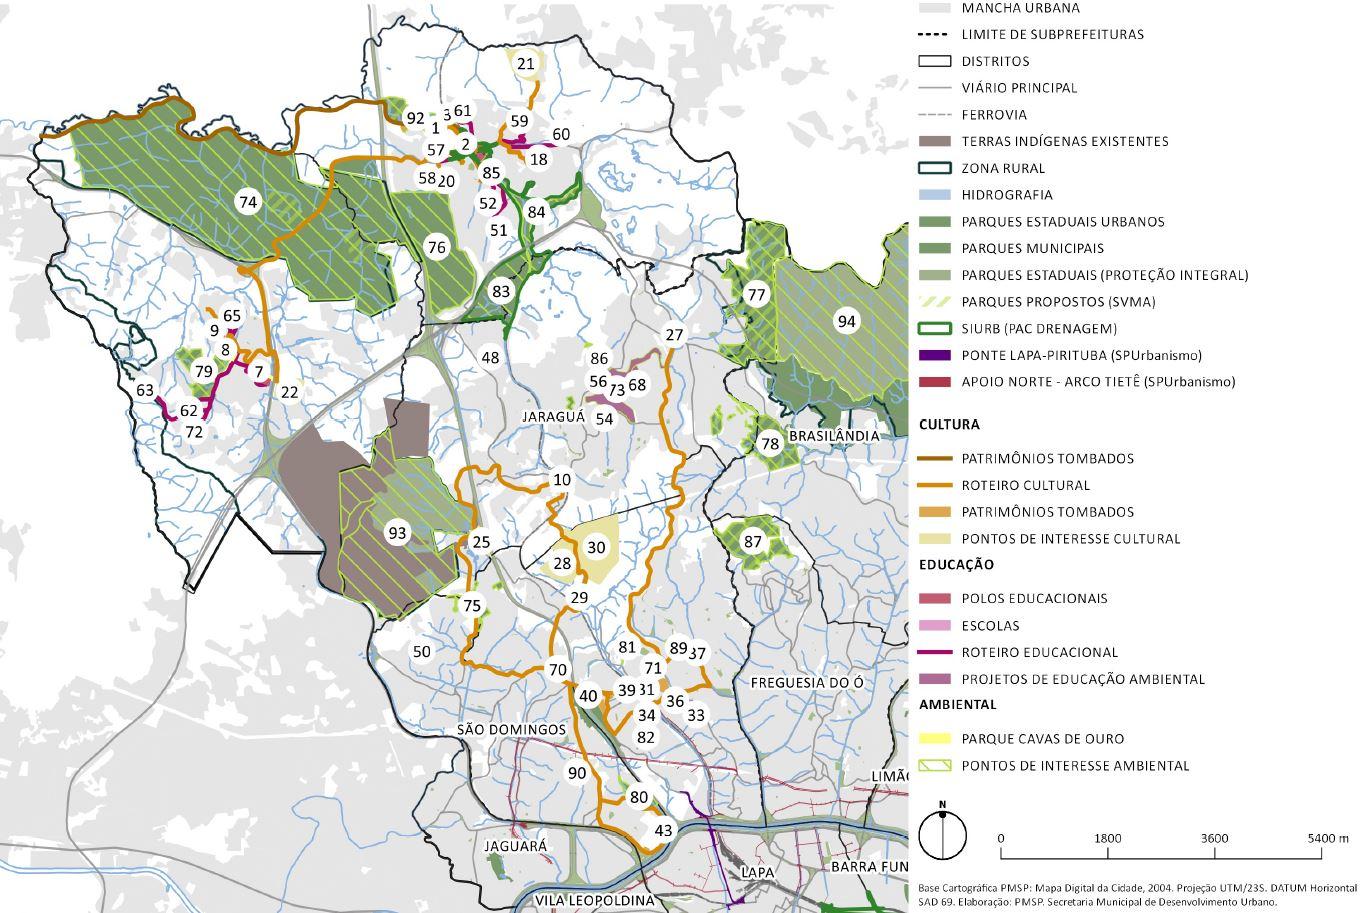 Mapa 2: TICP-PJ (2016). Fonte: Prefeitura de São Paulo